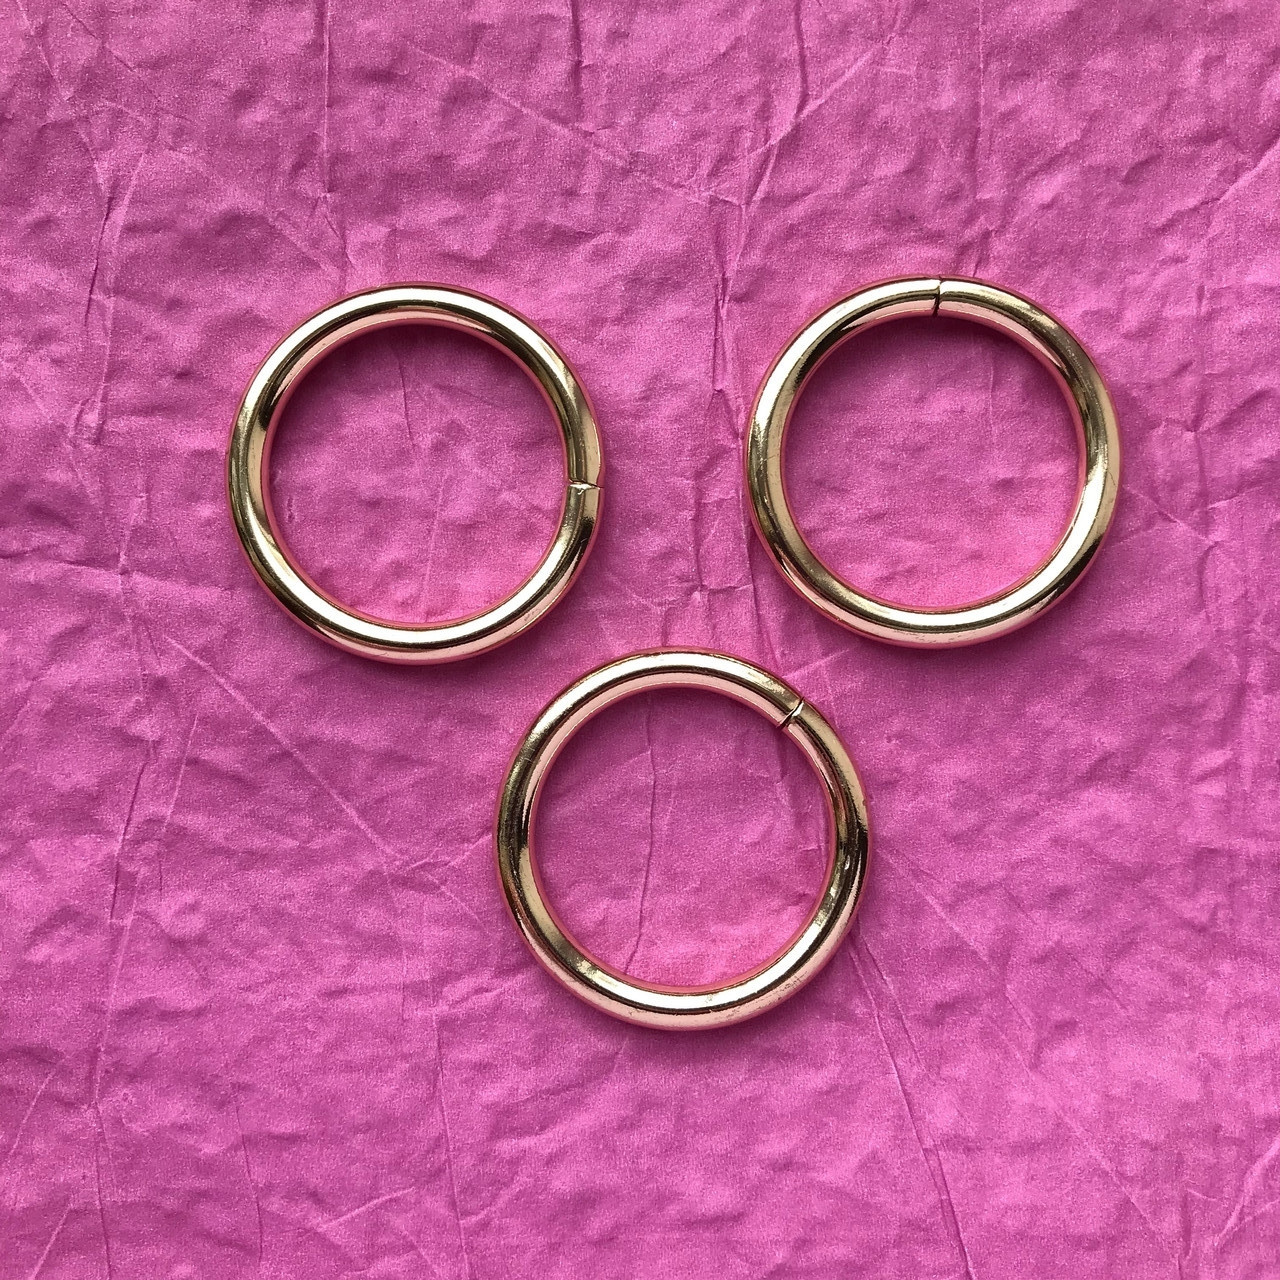 Кольцо соединительное, размер 30 мм, цвет золото